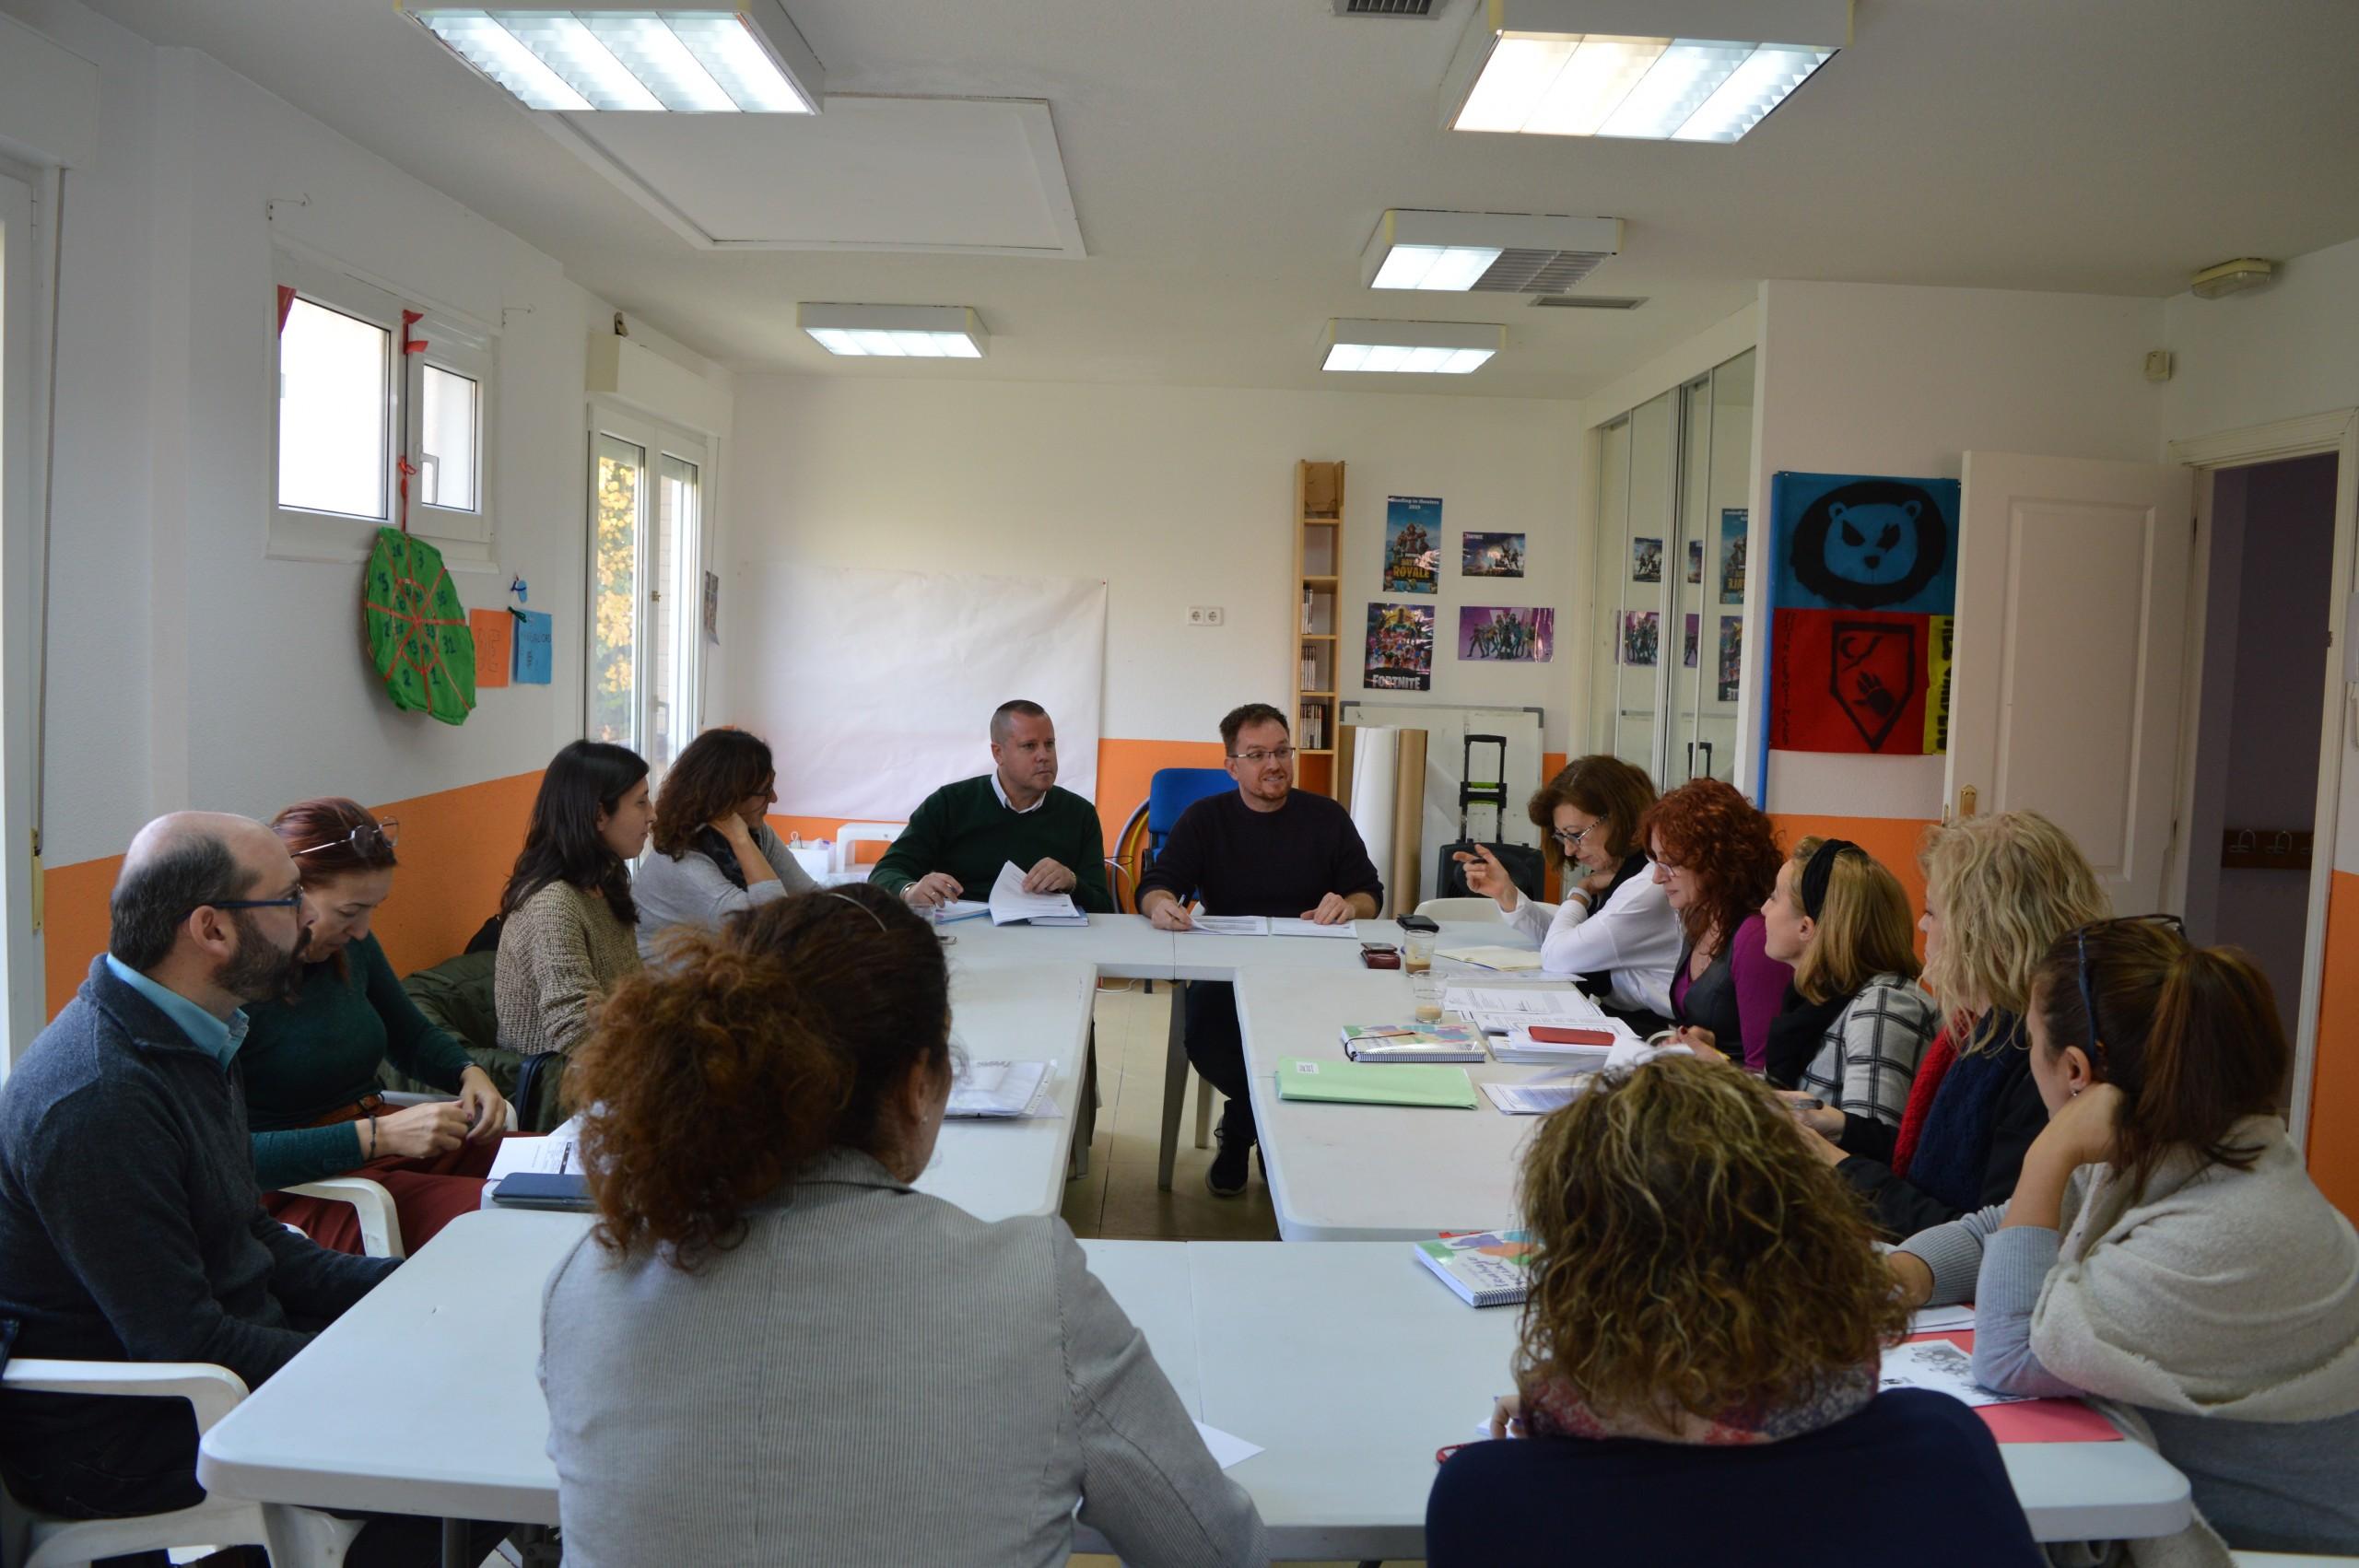 El pleno del Consejo local de Atención a la Infancia y Adolescencia se reúne para coordinar propuestas encaminadas al bienestar social.